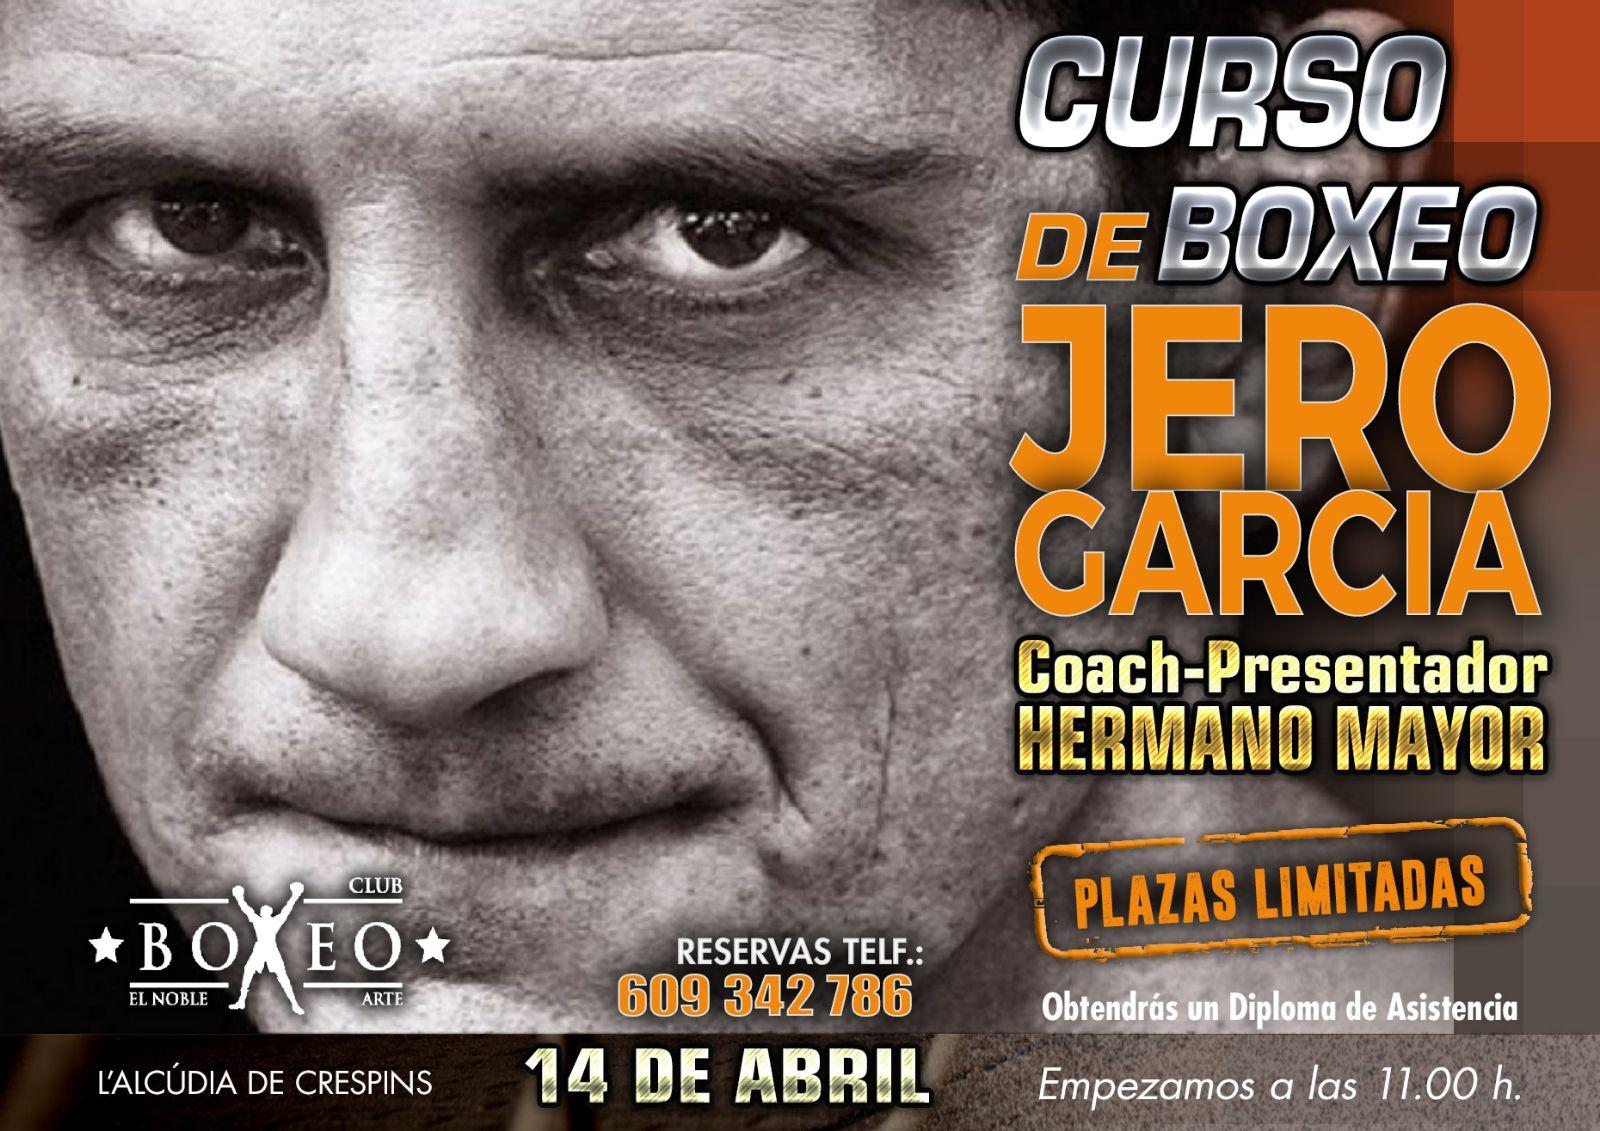 Curso de Boxeo Jero Garcia este dissabte a l'Alcúdia de Crespins